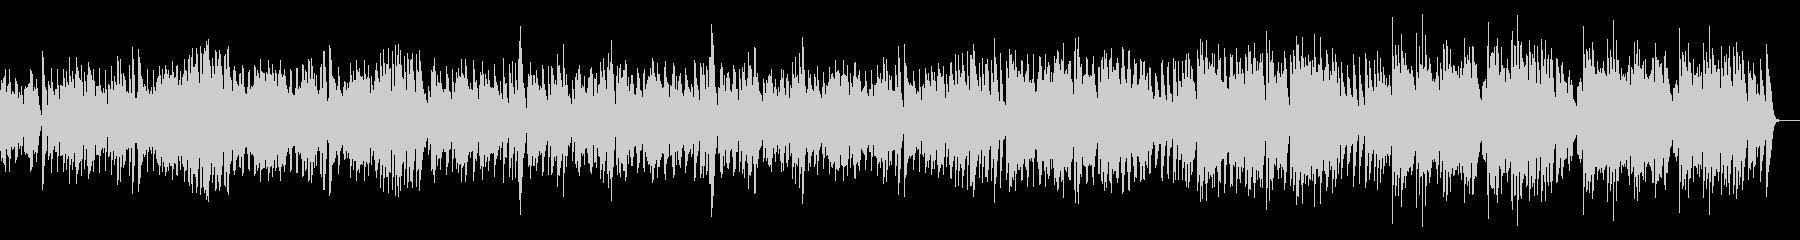 フィグ・リーフ・ラグ_オルゴールverの未再生の波形